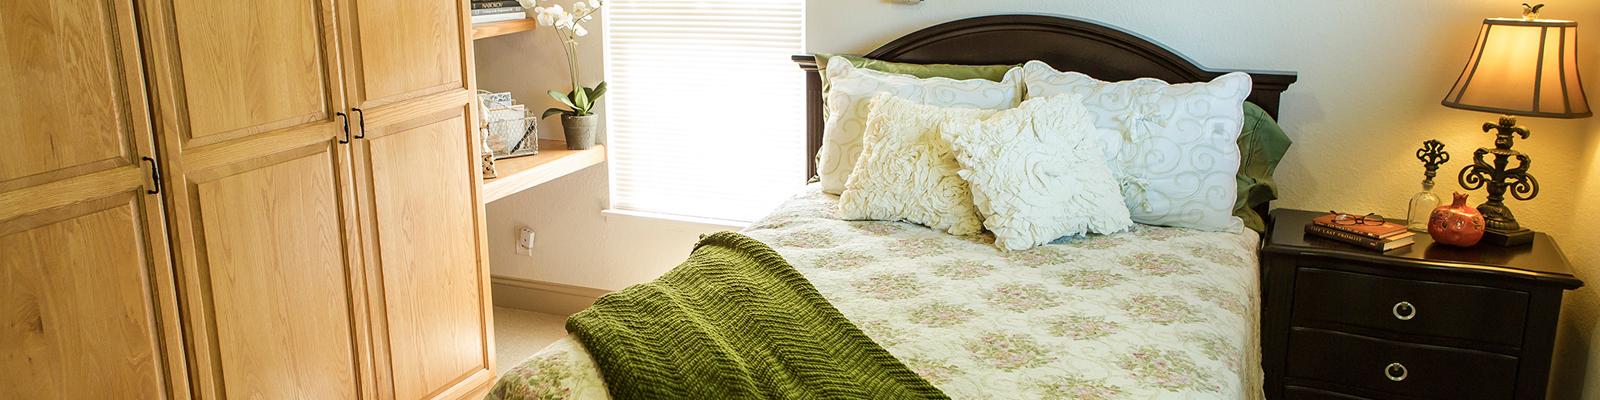 Grand Villa Respite Care Home Image, Grand Junction